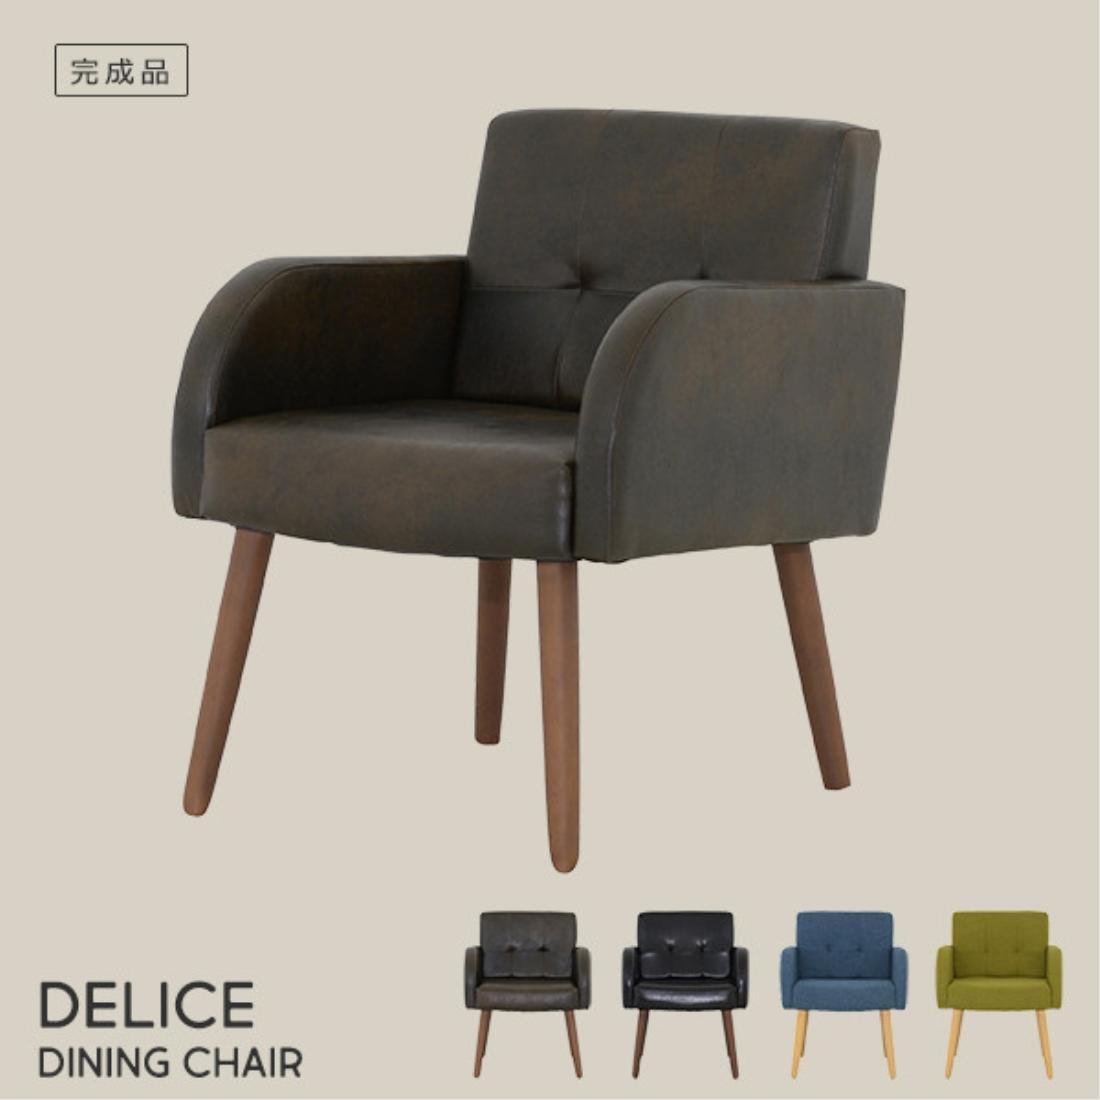 おしゃれ 家具 キッチン 椅子 チェア DELICE(デリース)ダイニングチェアー(56cm幅)4色展開 オシャレ